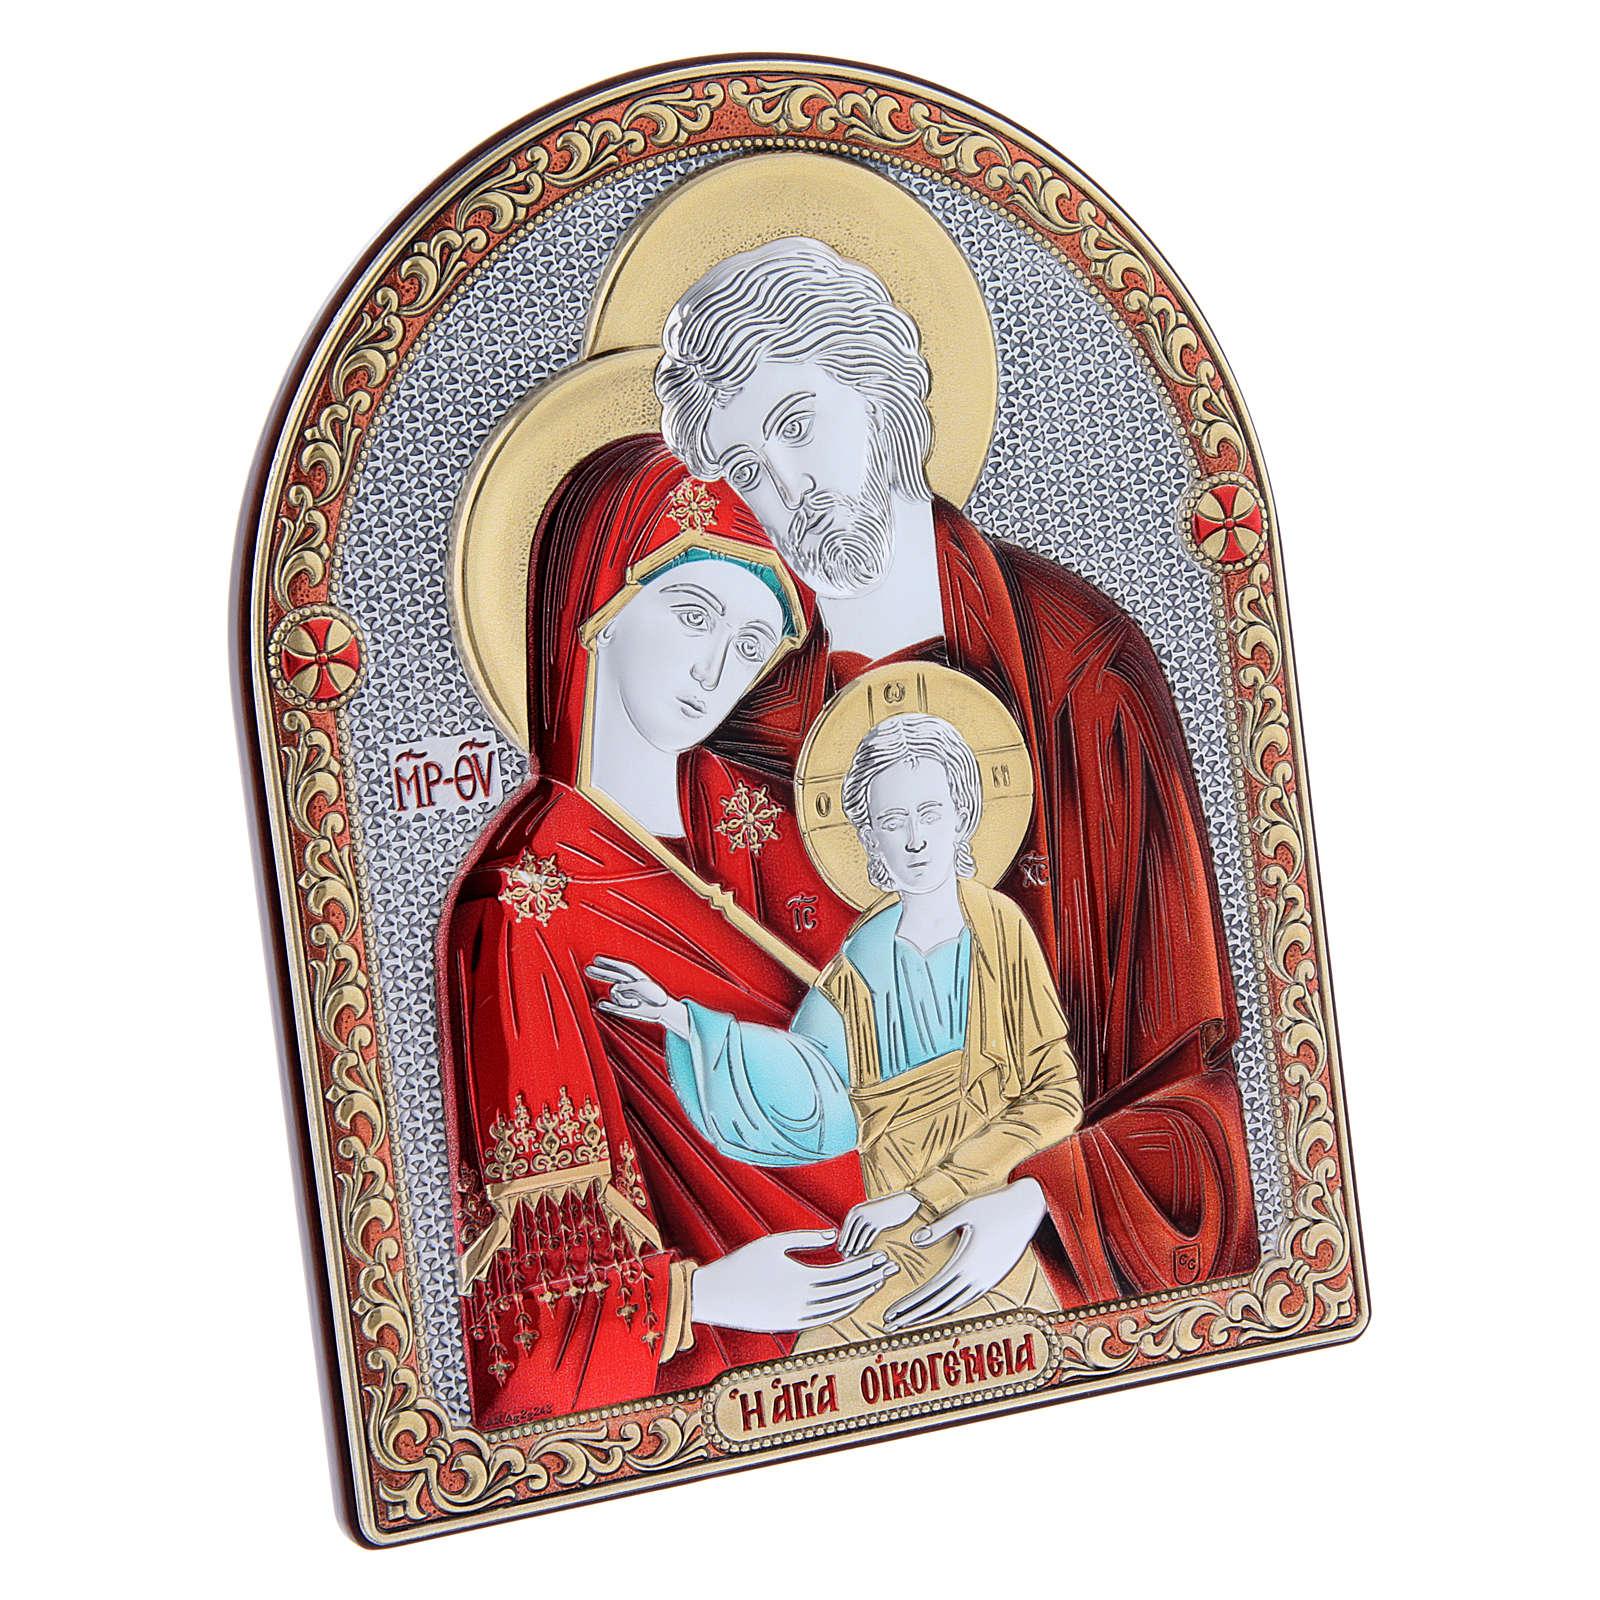 Cadre Sainte Famille rouge bi-laminé support bois massif finitions dorées 16,7x13,6 cm 4